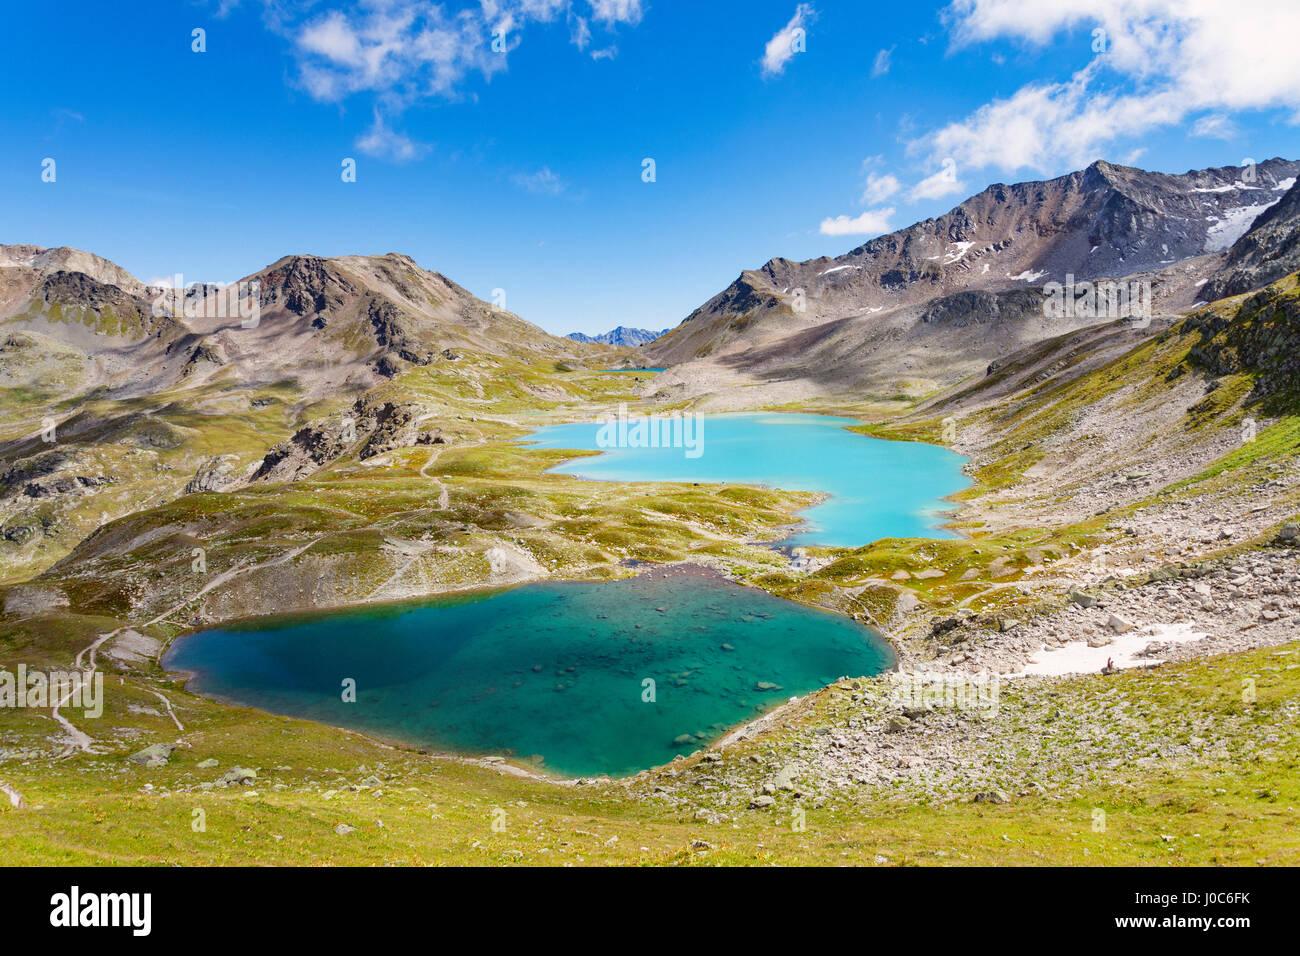 Mountain range, Davos, Graubünden, Switzerland - Stock Image